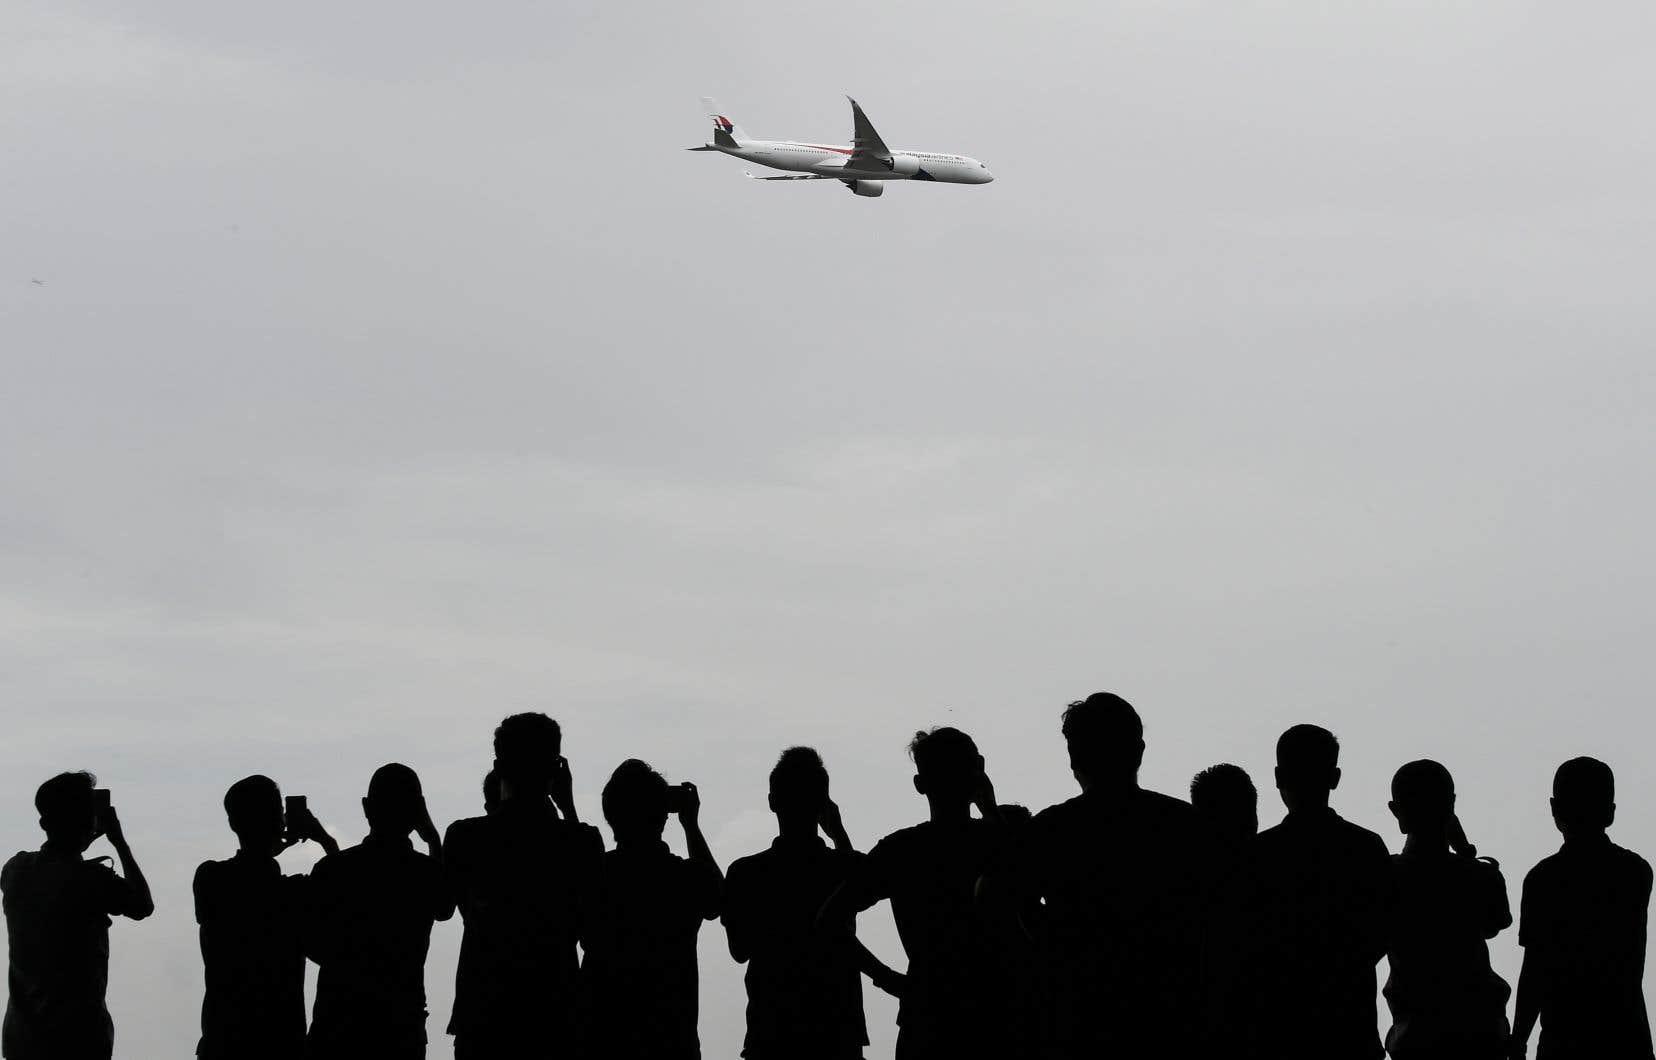 Selon les chiffres provisoires de l'Aviation Safety Network, il y a eu 36,8millions de vols en 2017.